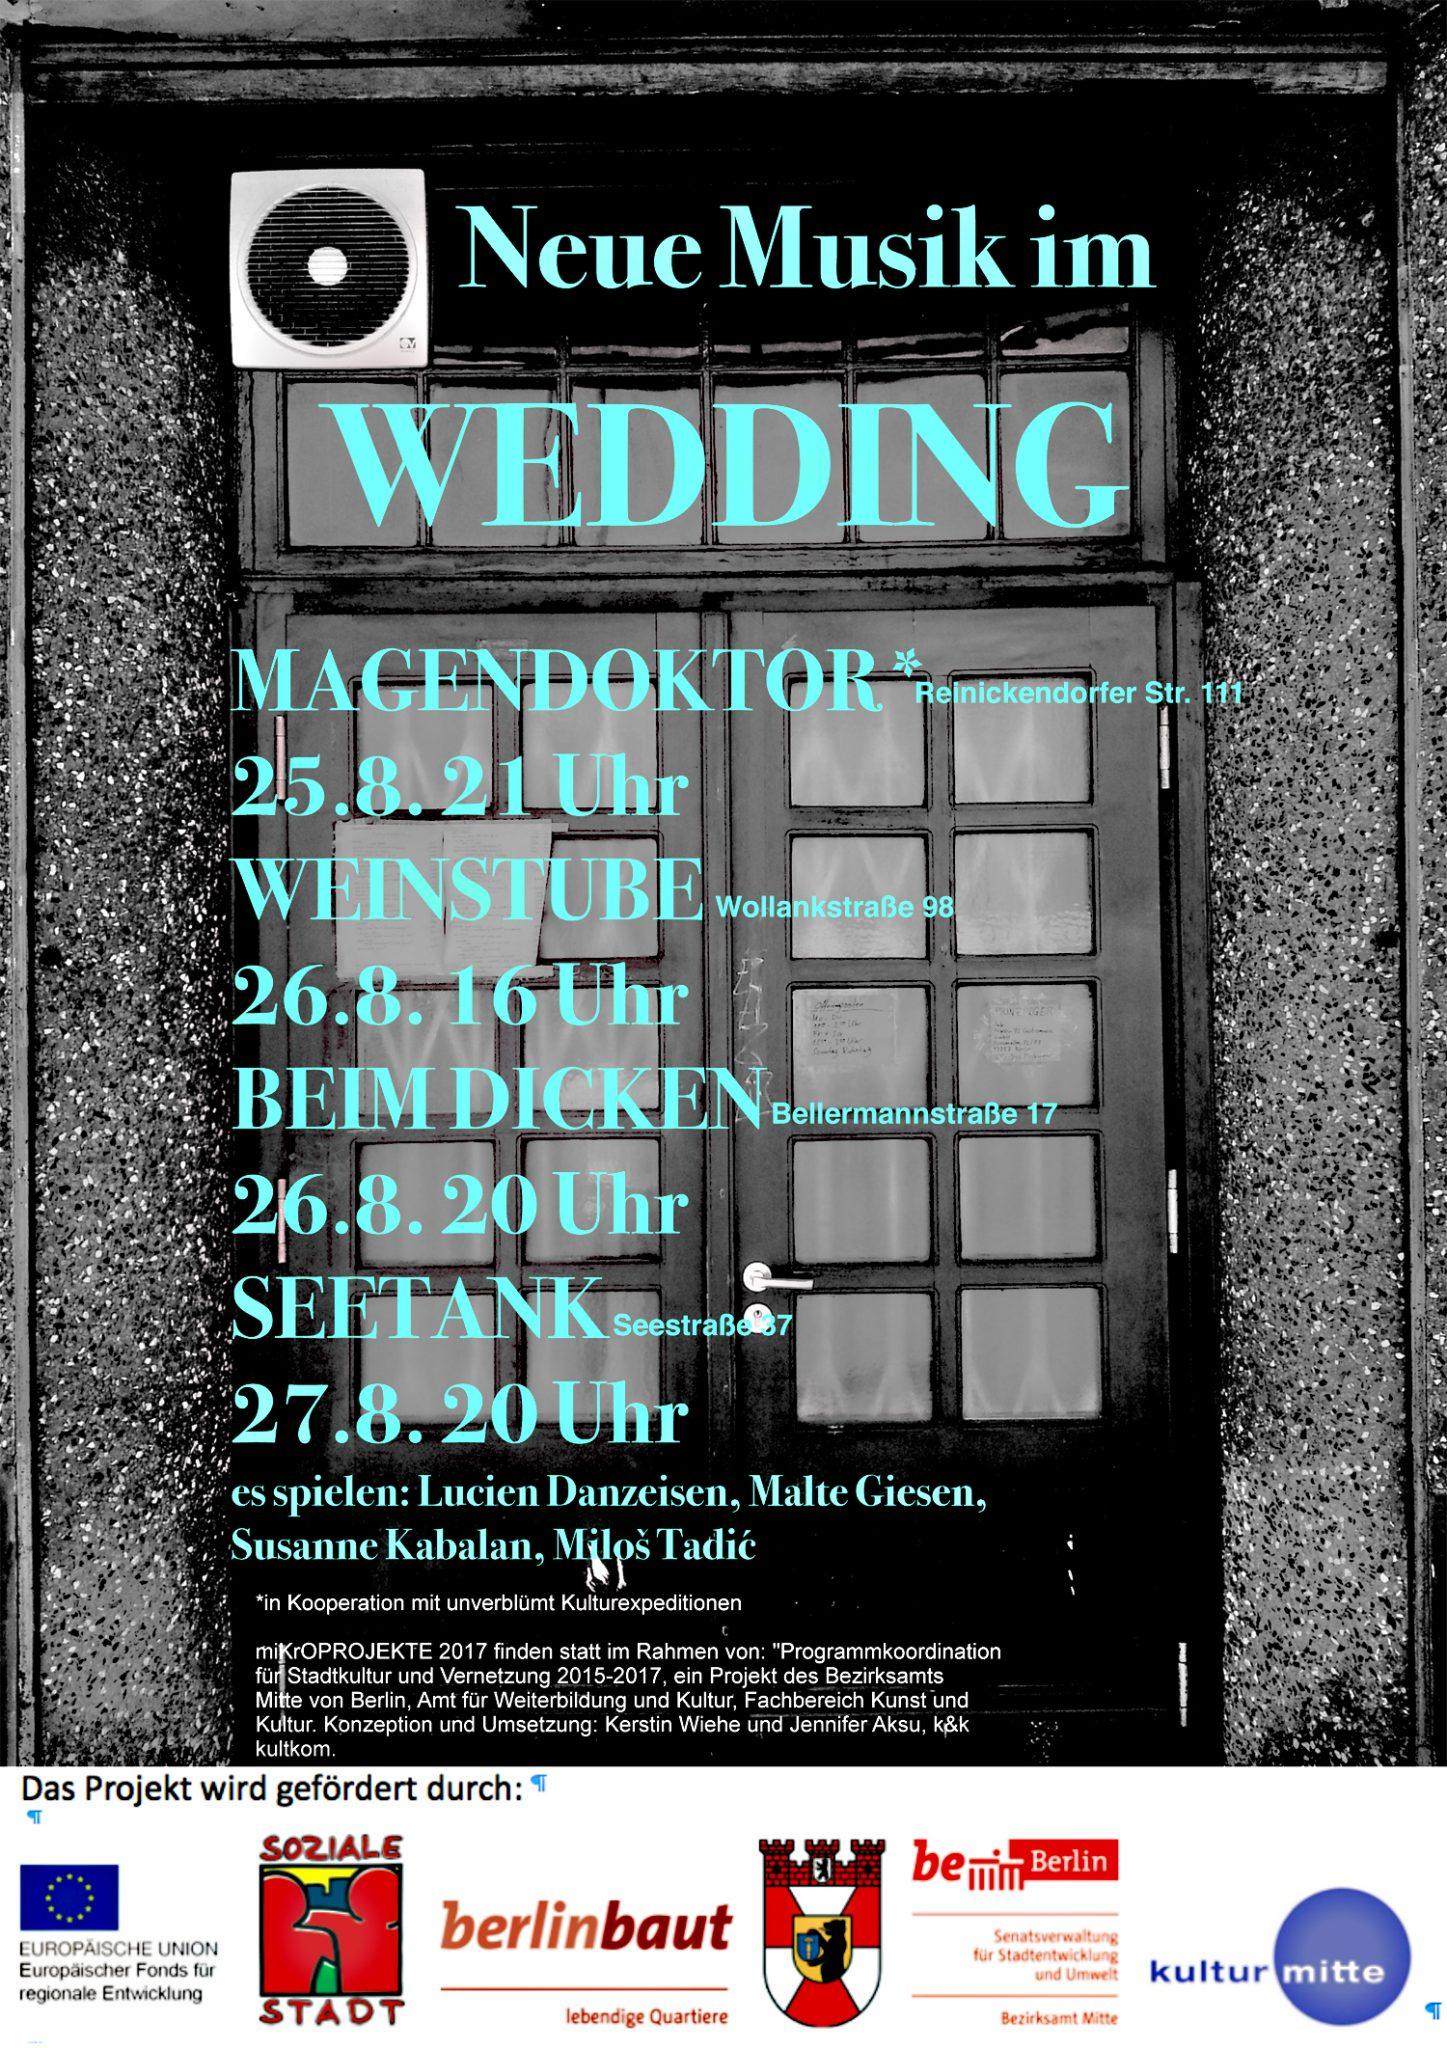 Neue Musik In Eckkneipen Weddingweiser